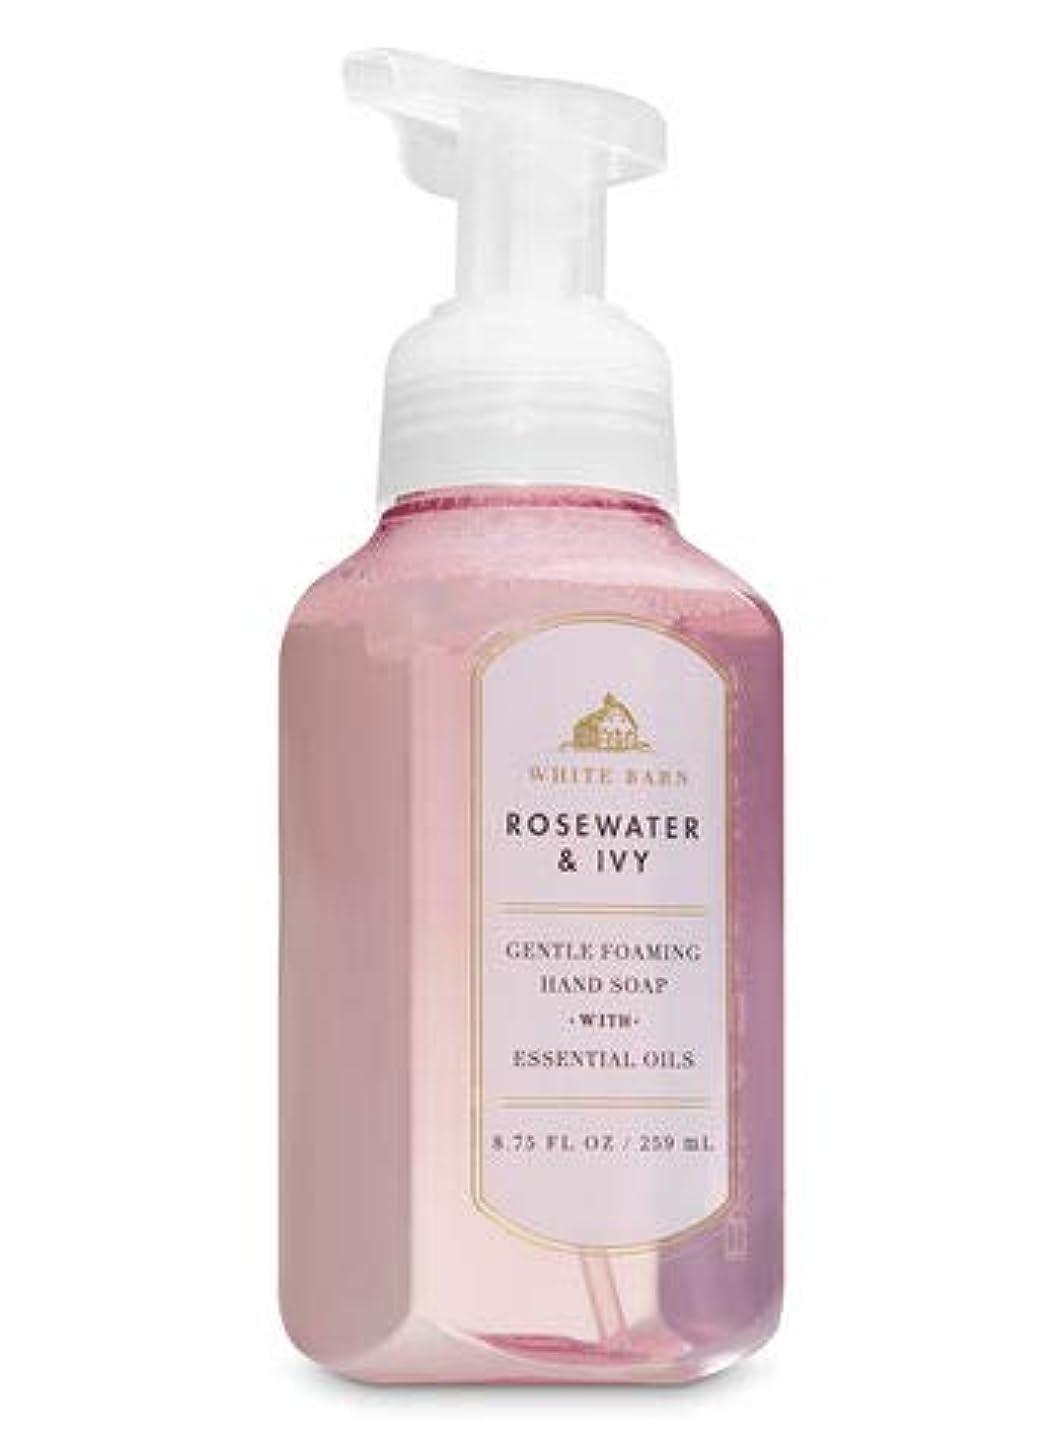 回転させるあたたかい悲鳴バス&ボディワークス ローズウォーター&アイビー ジェントル フォーミング ハンドソープ Rose Water & Ivy Gentle Foaming Hand Soap